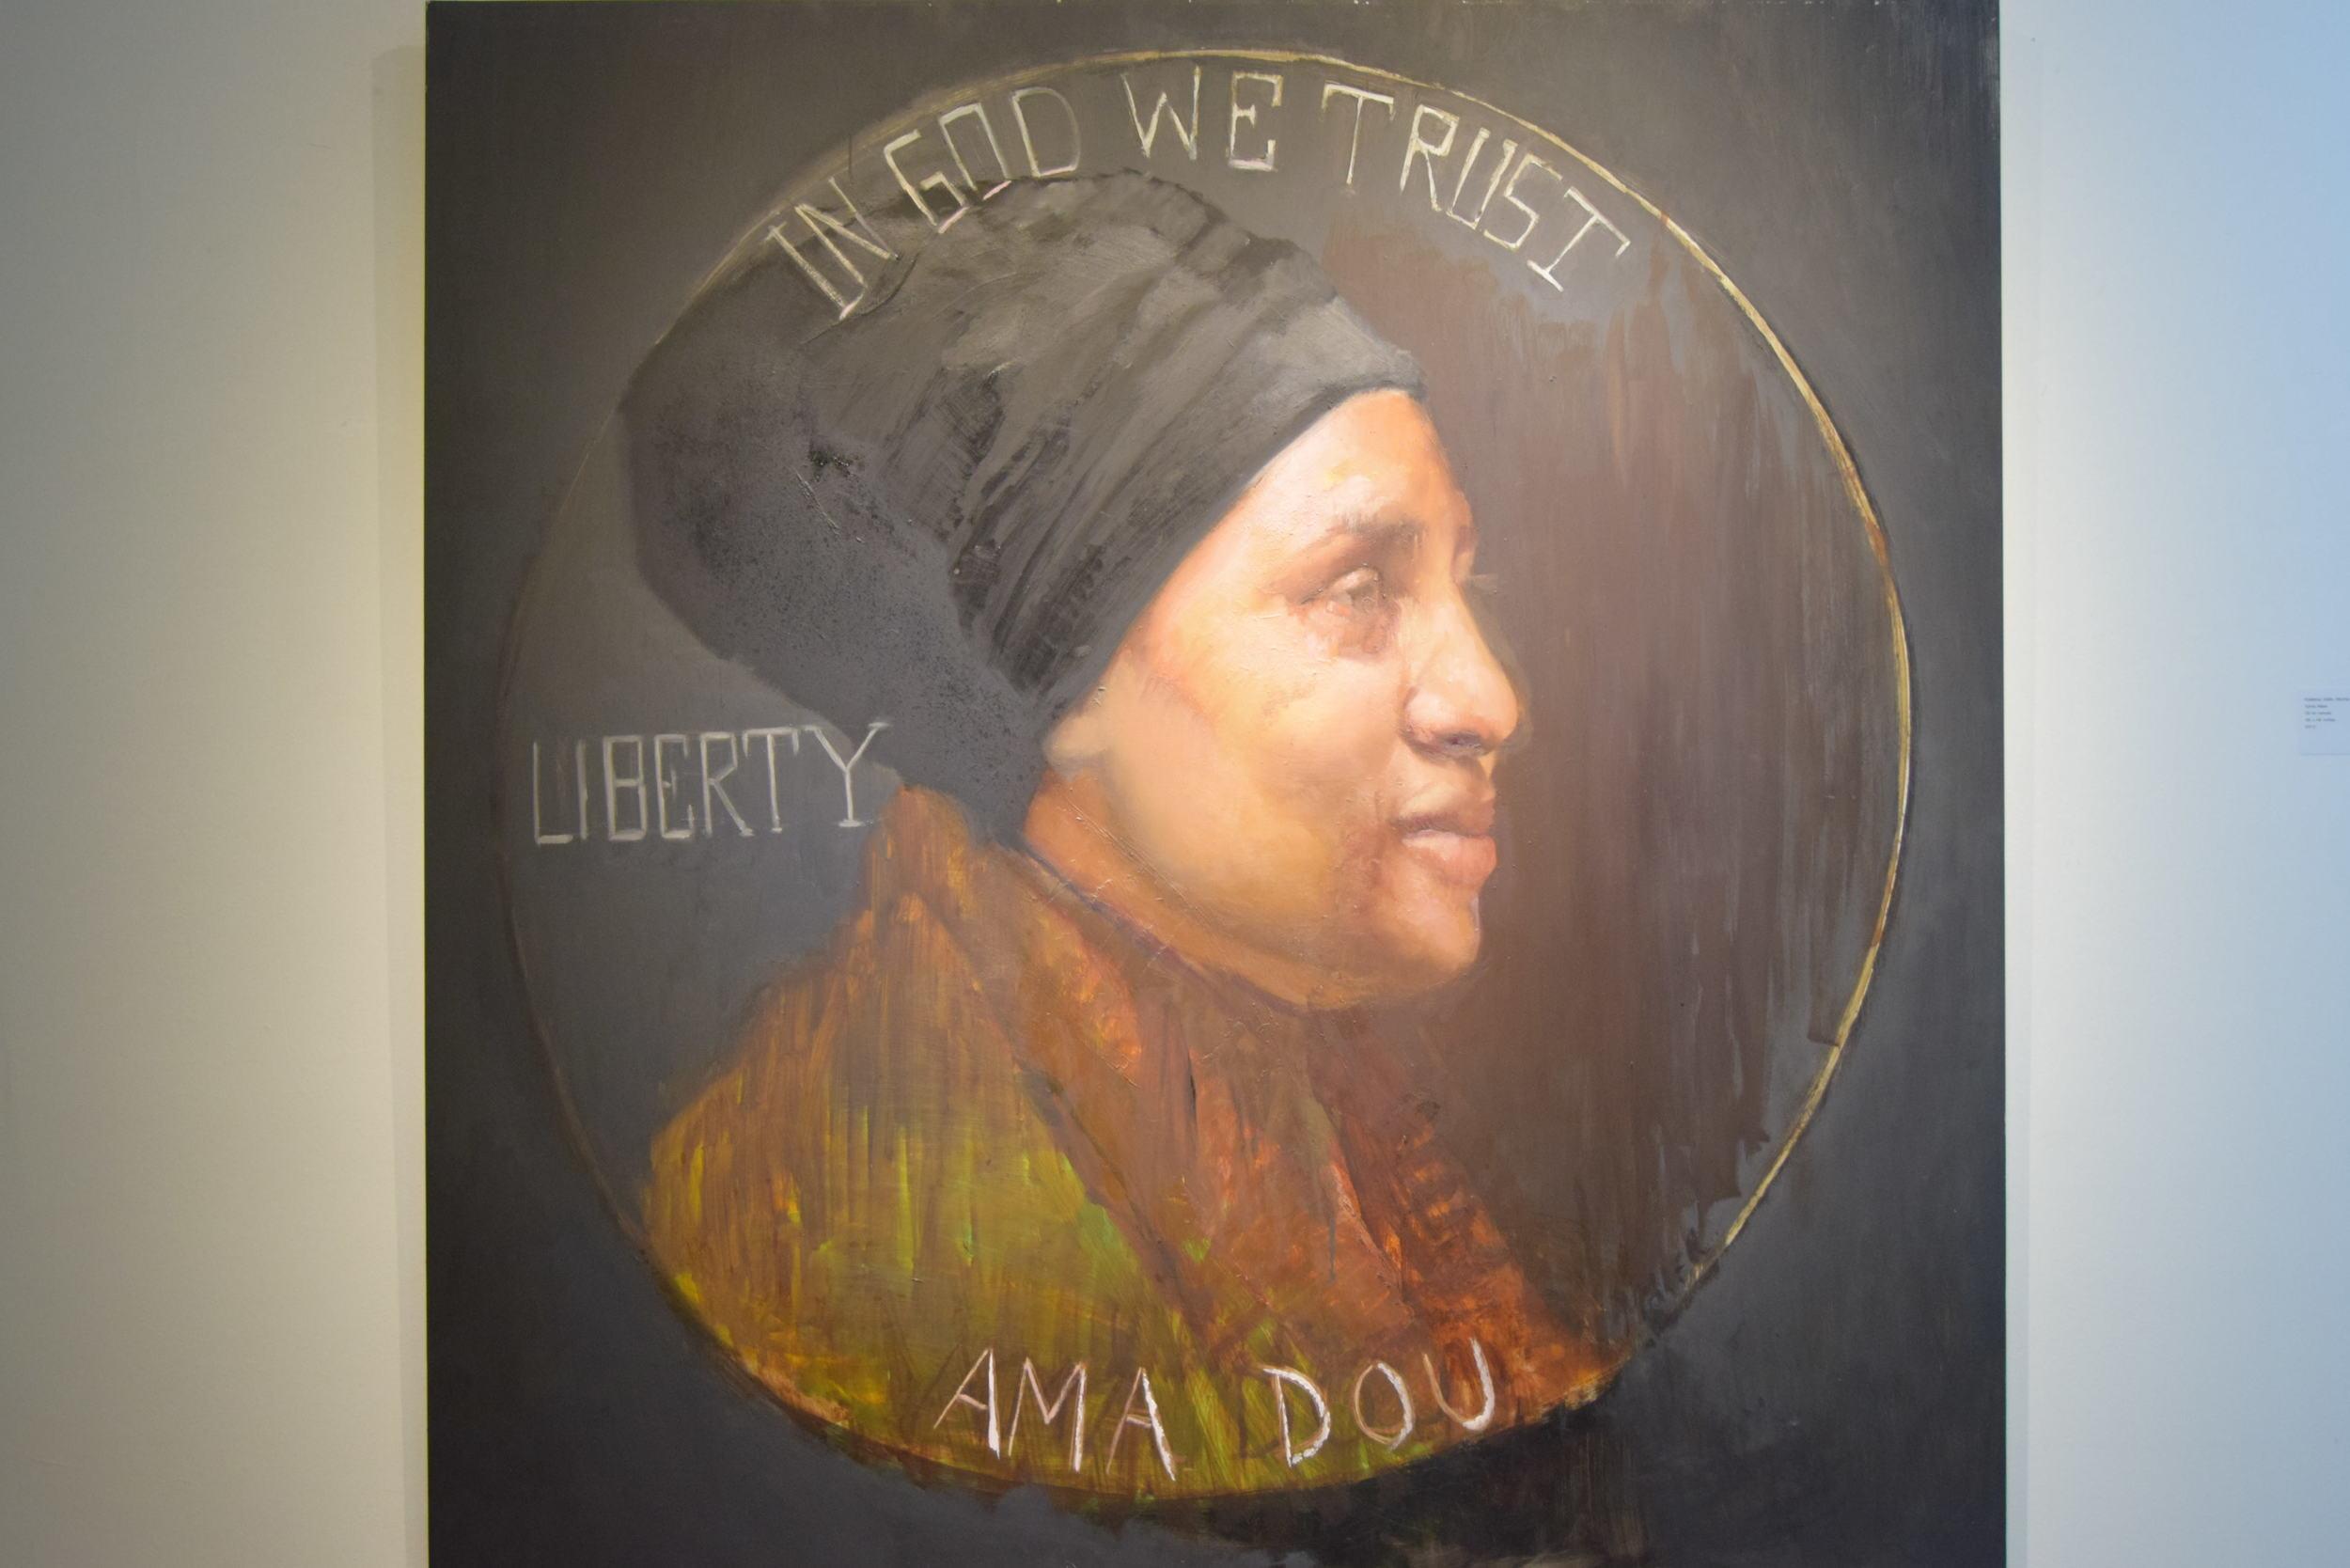 Kadiatou Diallo (Mother of Amadou Diallo)